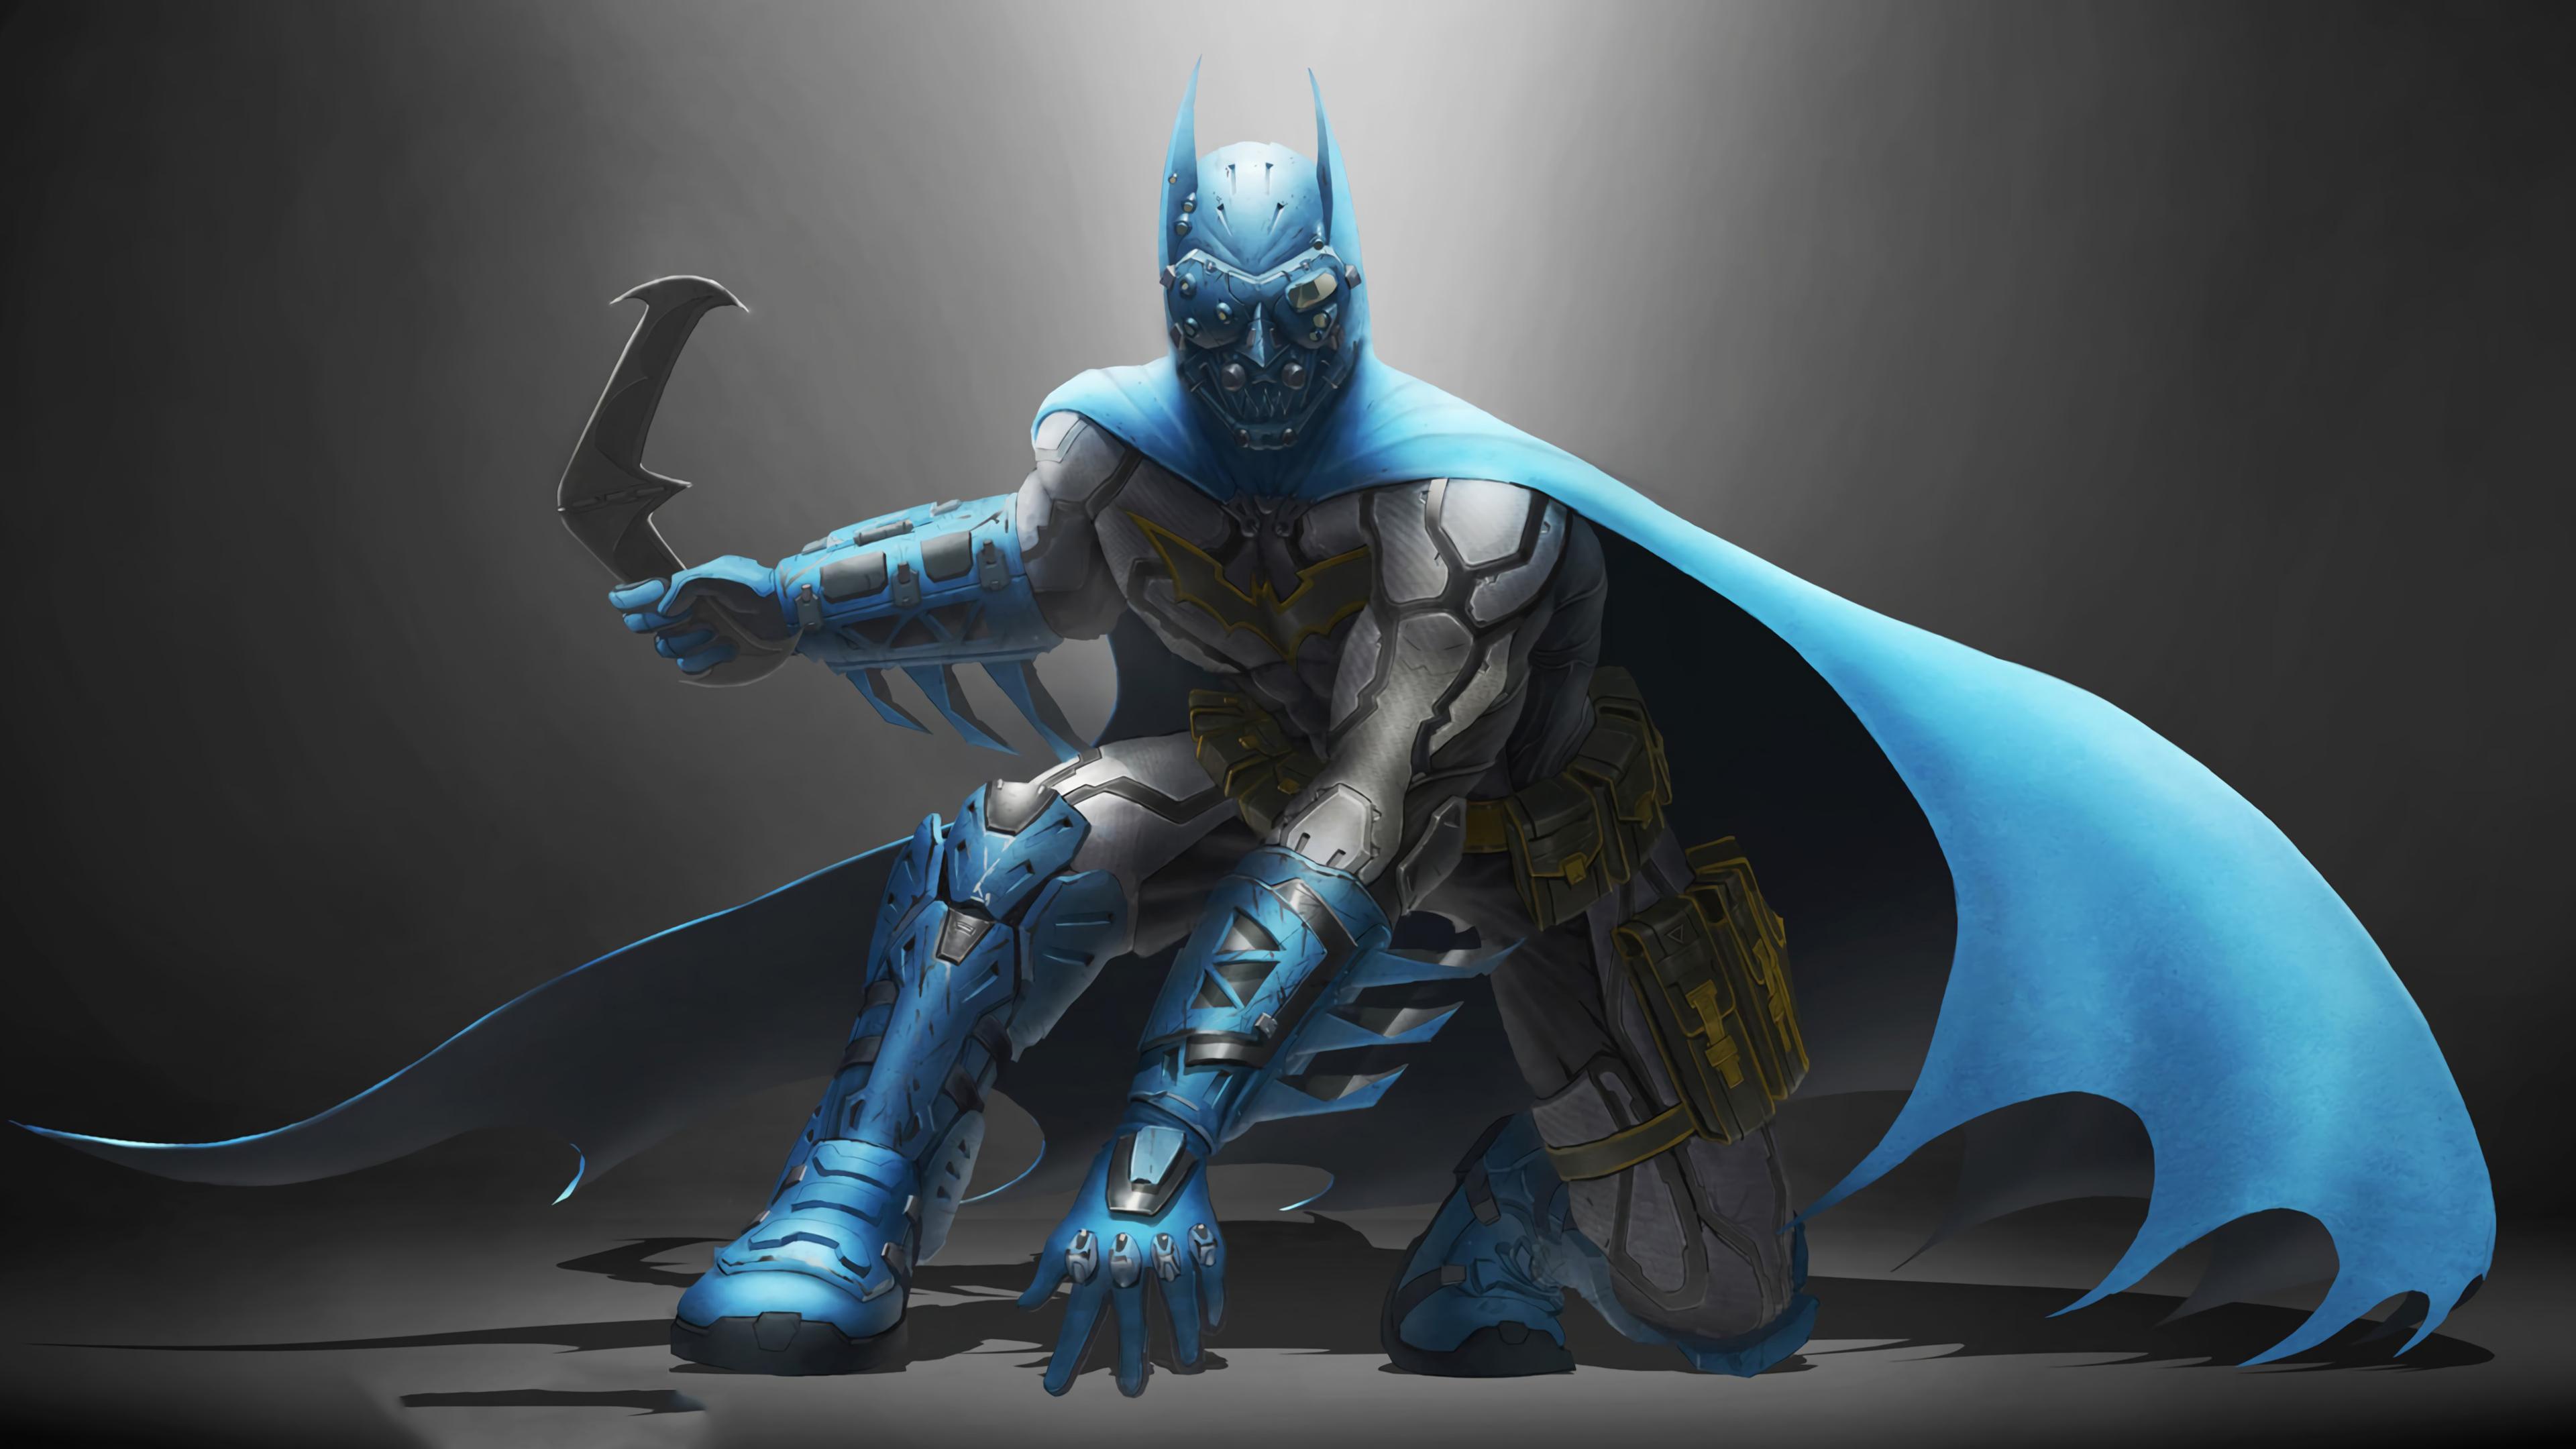 arts batman new 1568054970 - Arts Batman New - superheroes wallpapers, hd-wallpapers, digital art wallpapers, batman wallpapers, artwork wallpapers, artstation wallpapers, 4k-wallpapers